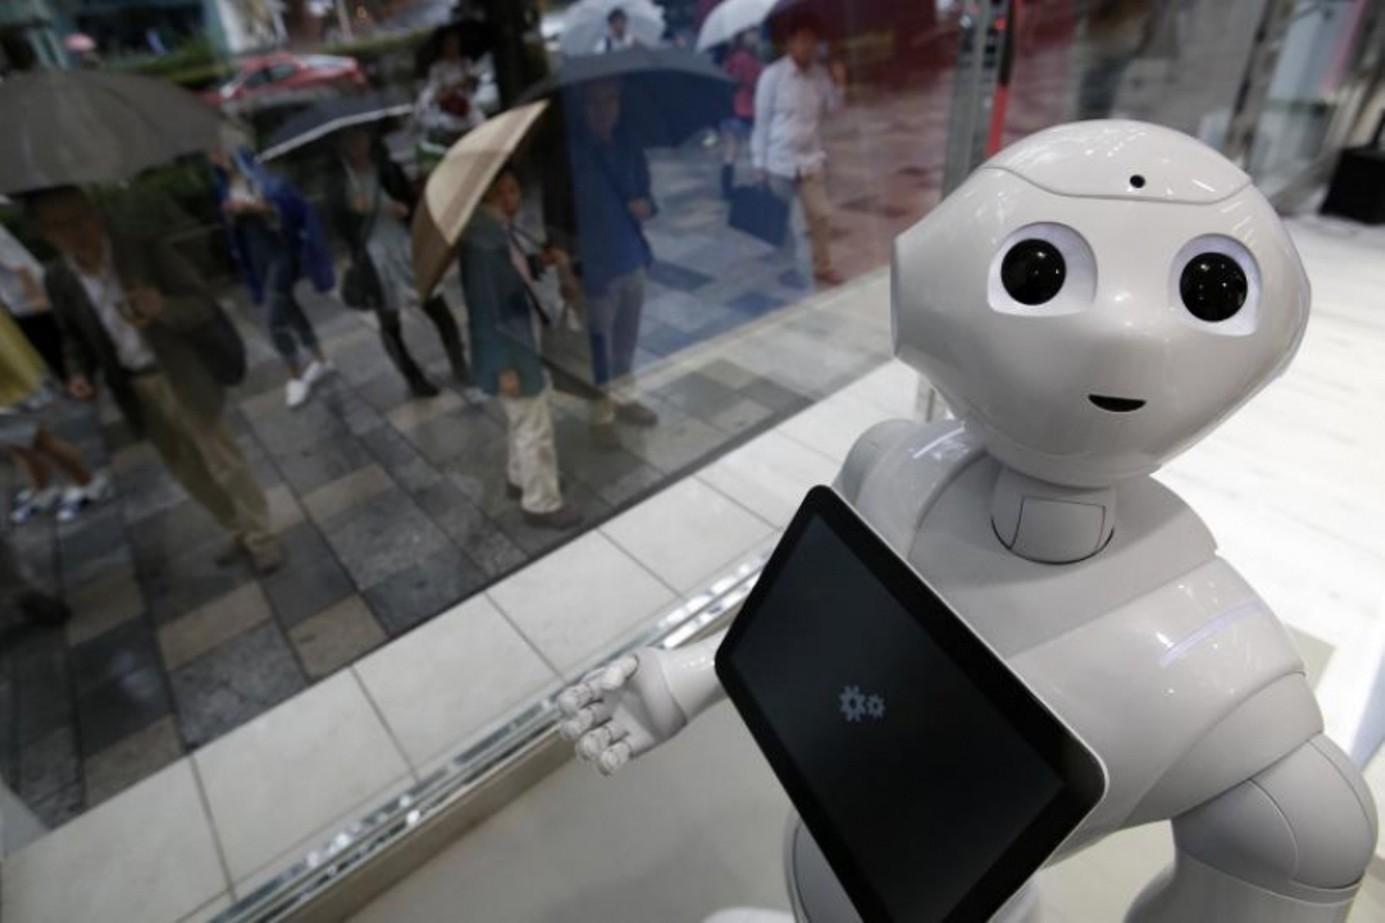 ВЯпонии пройдет 1-ый  вистории Всемирный саммит роботов